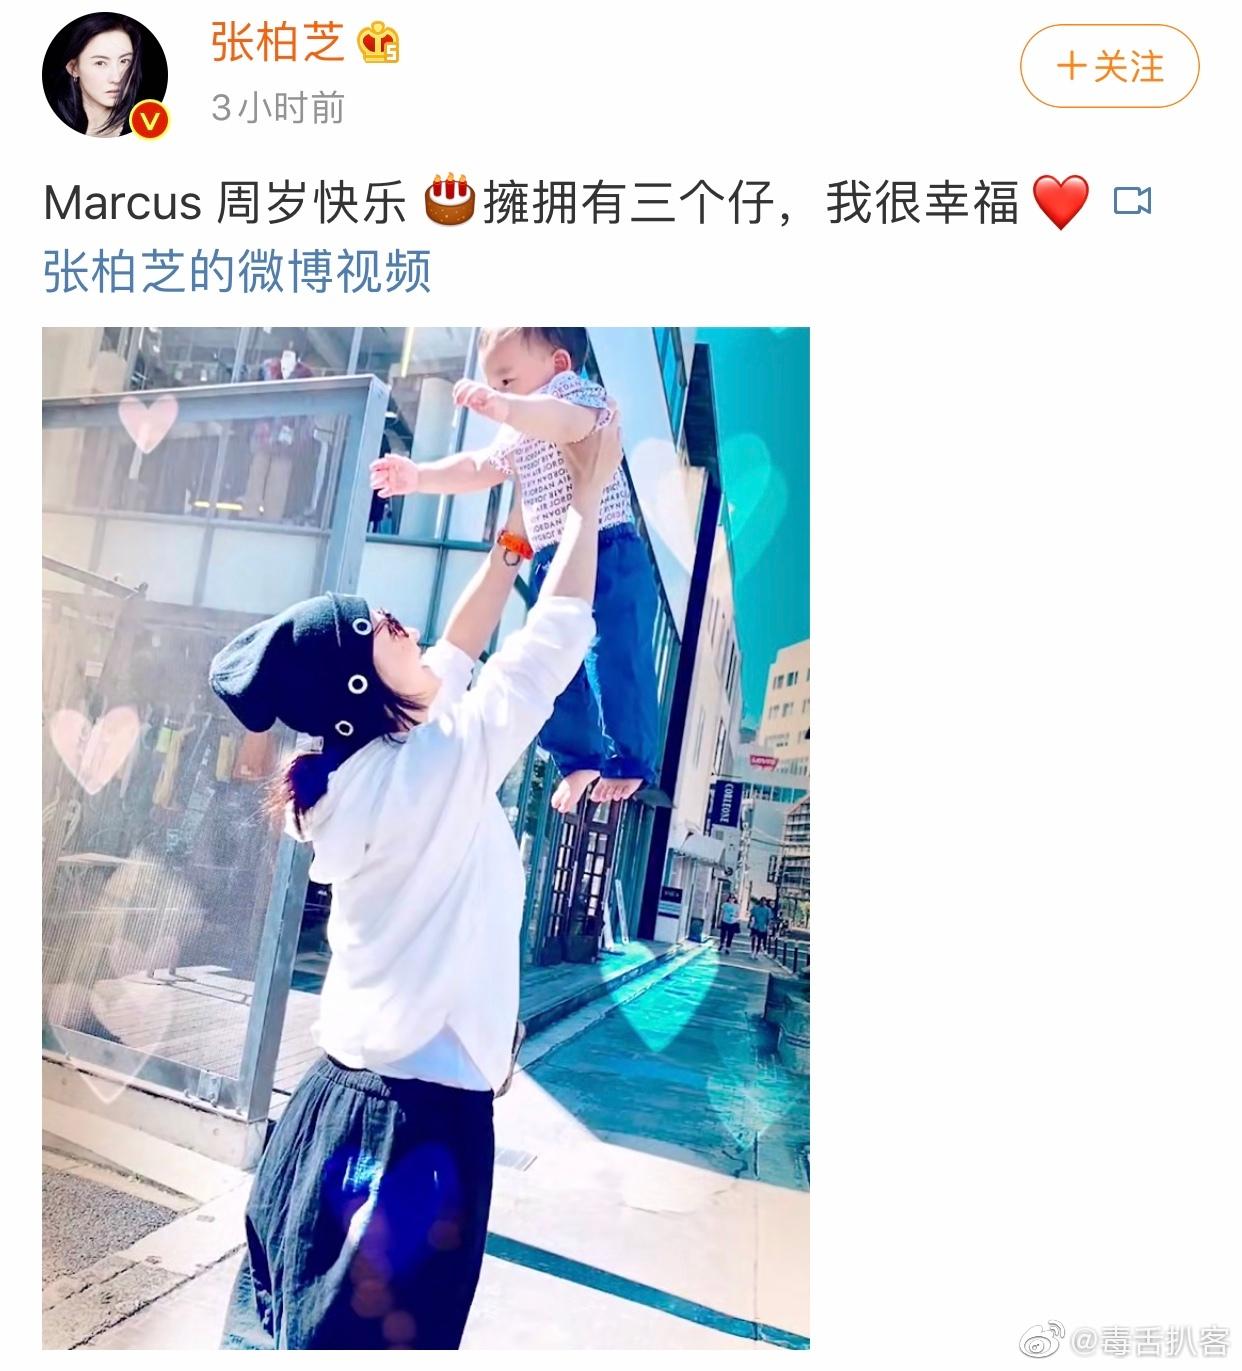 """张柏芝晒出抱着小儿子Marcus举高高的照片并配文:""""Marcus周岁快乐"""